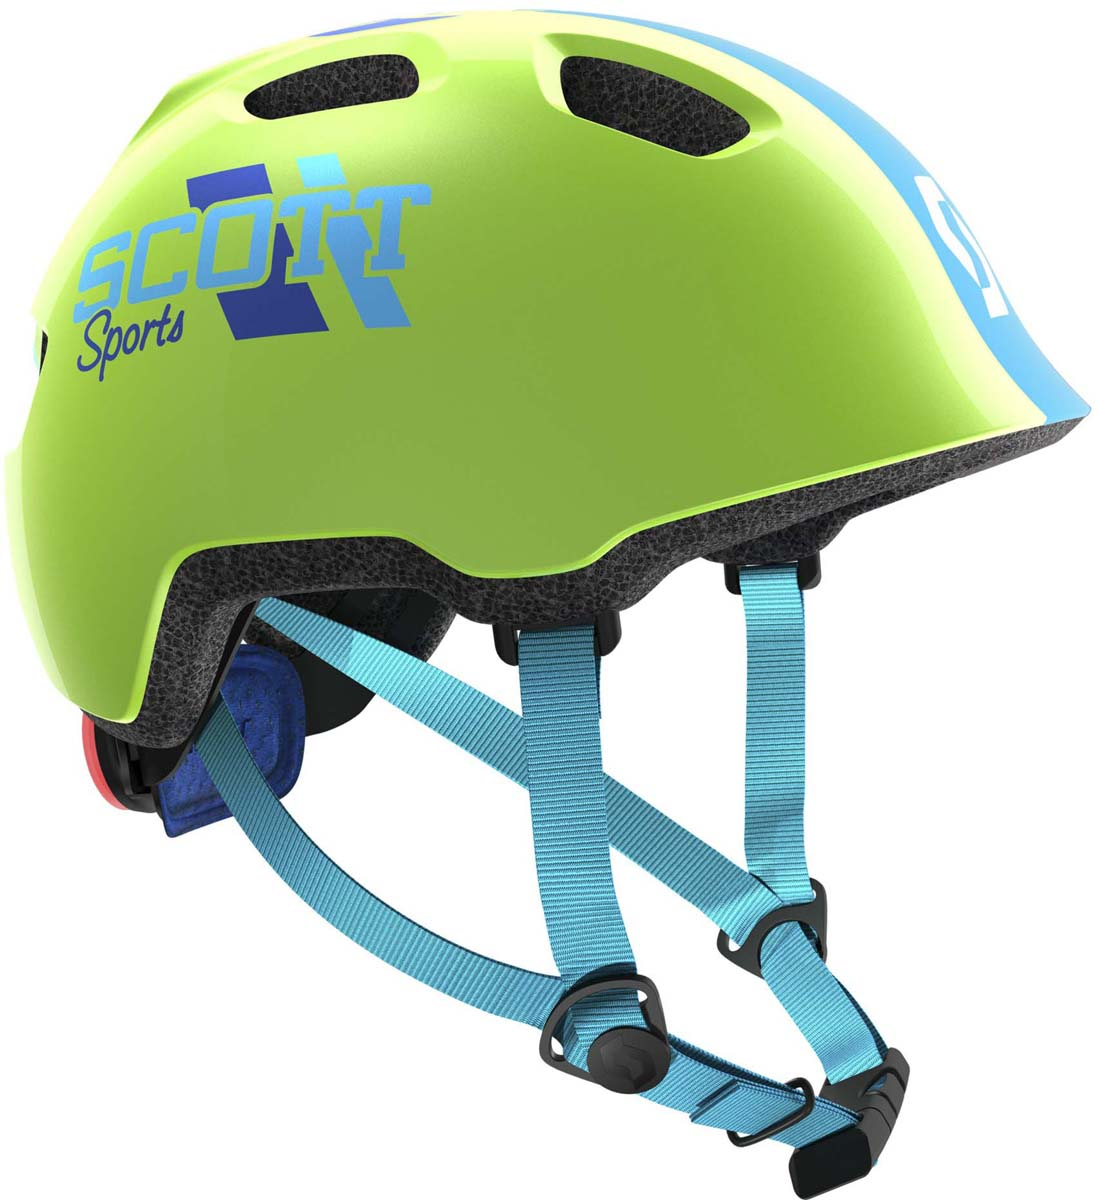 Шлем защитный Scott Chomp 2, цвет: зеленый. Размер 46-52241263-0006Главной особенностью нового детского шлема Scott Chomp 2 является повышенный уровень безопасности (пассивной и активной) и дополнительный комфорт. Задний мигающий фонарь позволит обезопасить ребенка в сумерках, передние рефлекторы ярко отражают встречный свет. Дополнительный мягкий материал для охвата головы и более комфортная система уплотнений вместе сделают все возможное для максимально безопасного катания на велосипеде. Добавьте к этому яркие и веселые расцветки, низкий профиль задней части для поездок в специальном детском сиденье, легко регулируемую систему подгонки RAS2 и вы получите превосходный детский шлем по очень привлекательной цене.Особенности Scott Chomp 2: - технология In-Mold (прессованный пенопласт, амортизирующий удар); - технология PC Micro Shell (поликарбонат); - система подгонки RAS2; - задний мигающий фонарь; - светоотражающие наклейки спереди; - дополнительная защита головы; - вес 230 г (примерный); - размеры: один размер; - для окружности головы 46-52 см; - в среднем, для возраста от 3 до 9 лет.